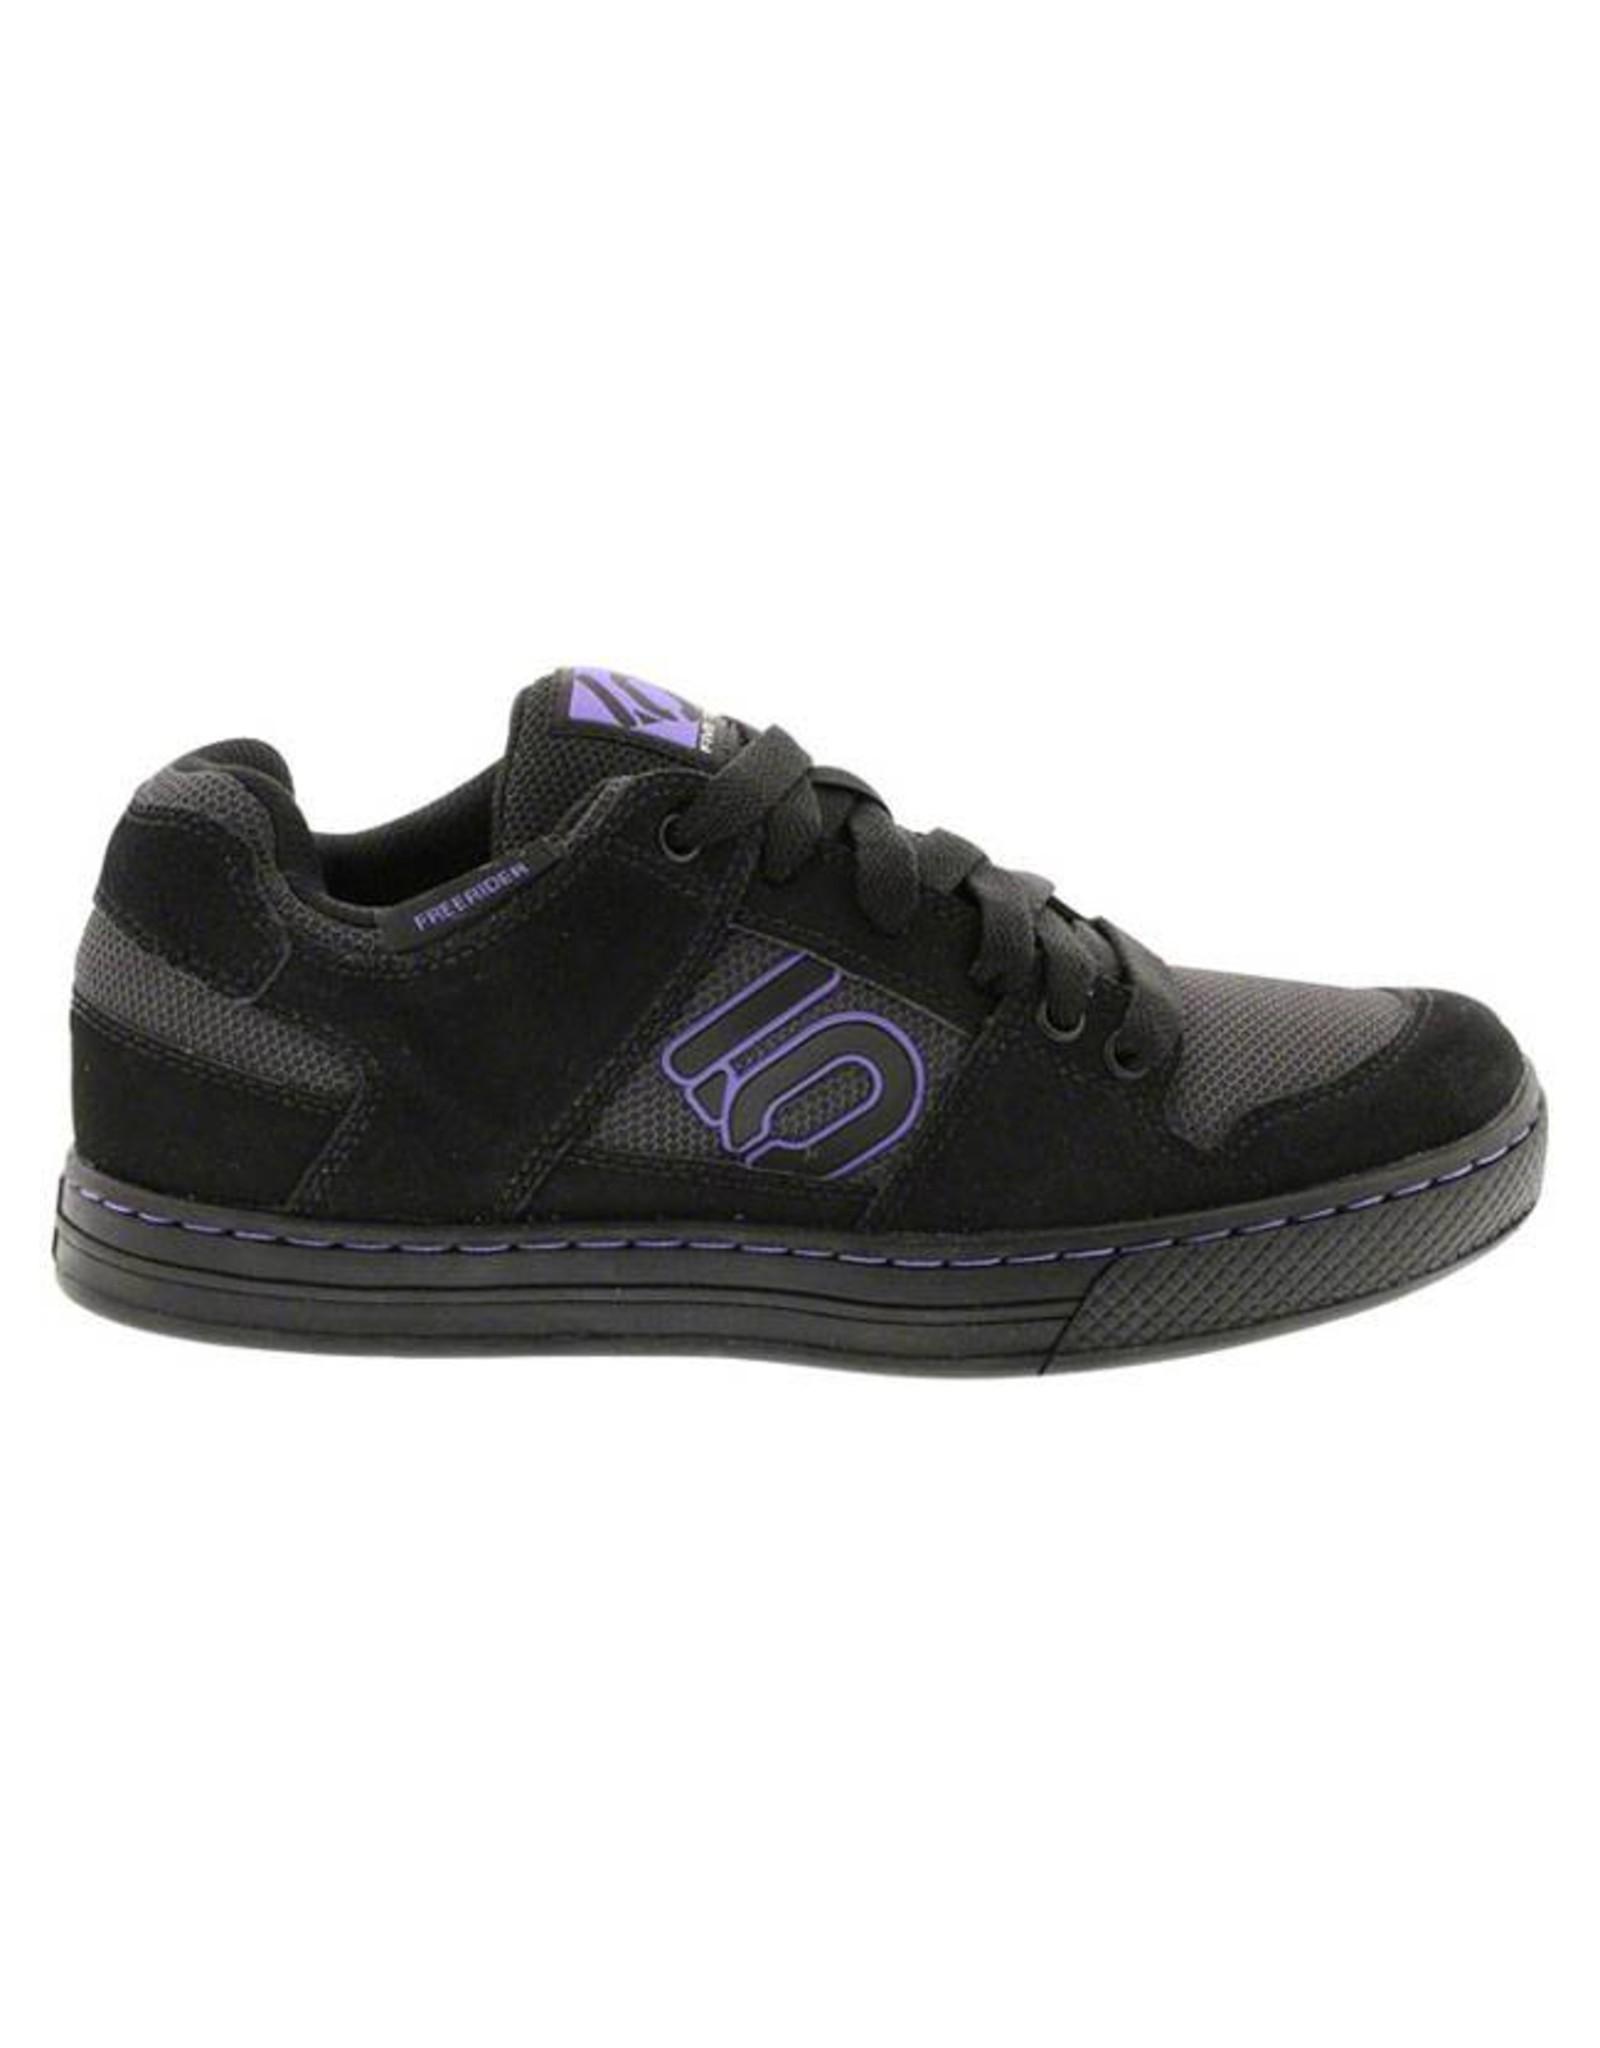 Five Ten Five Ten Freerider Women's Flat Pedal Shoe: Black/Purple 8